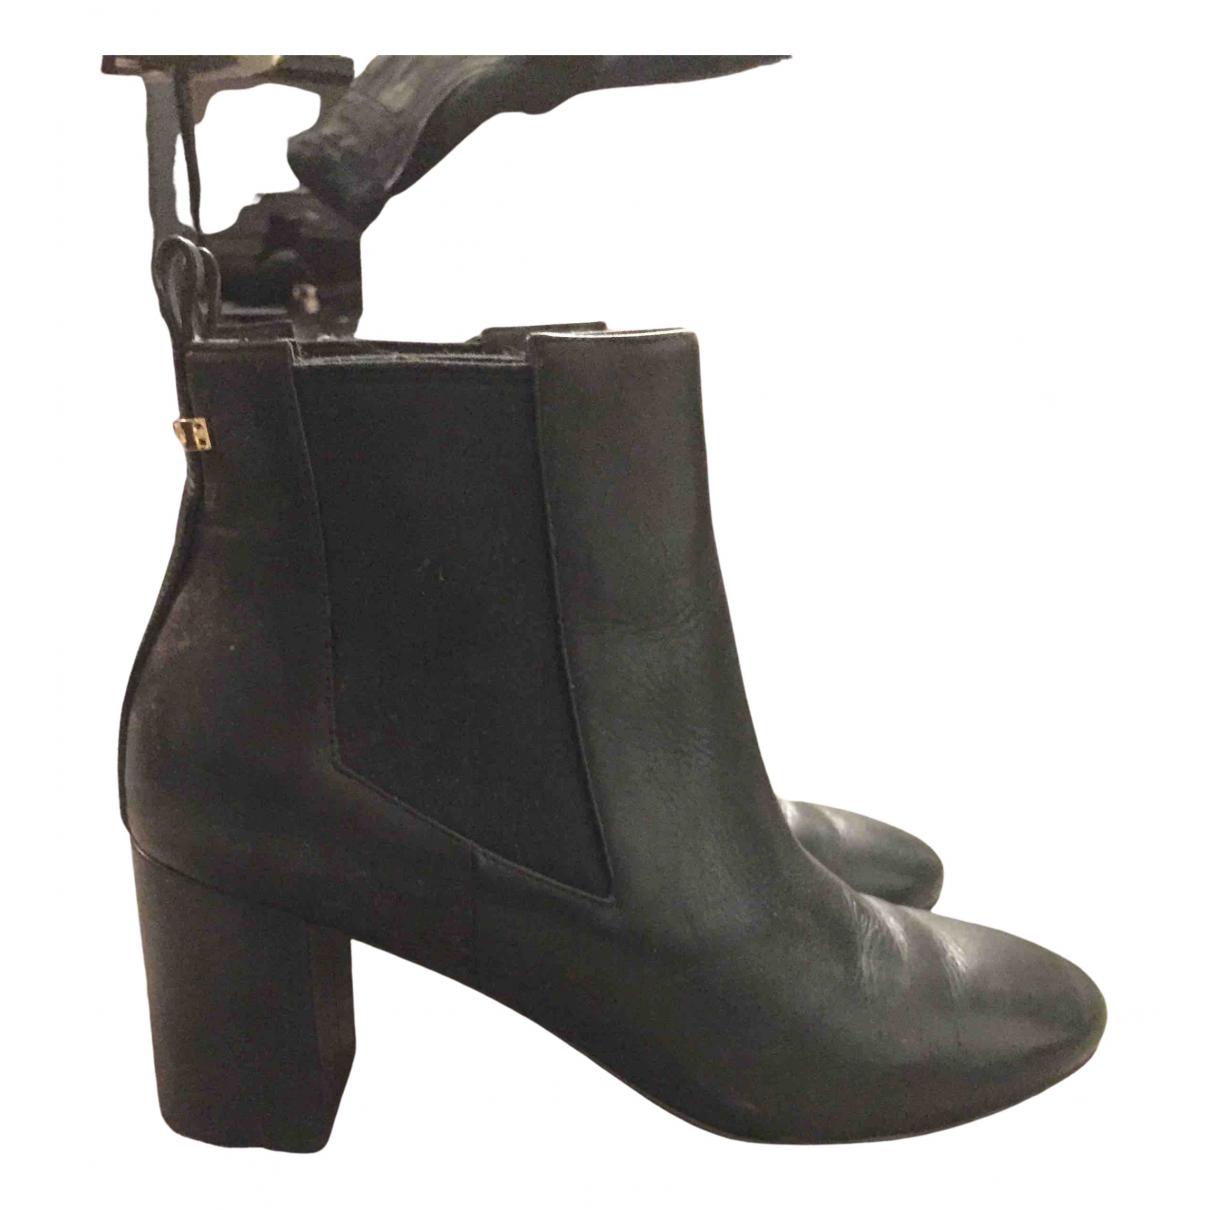 Cole Haan - Boots   pour femme en cuir - noir